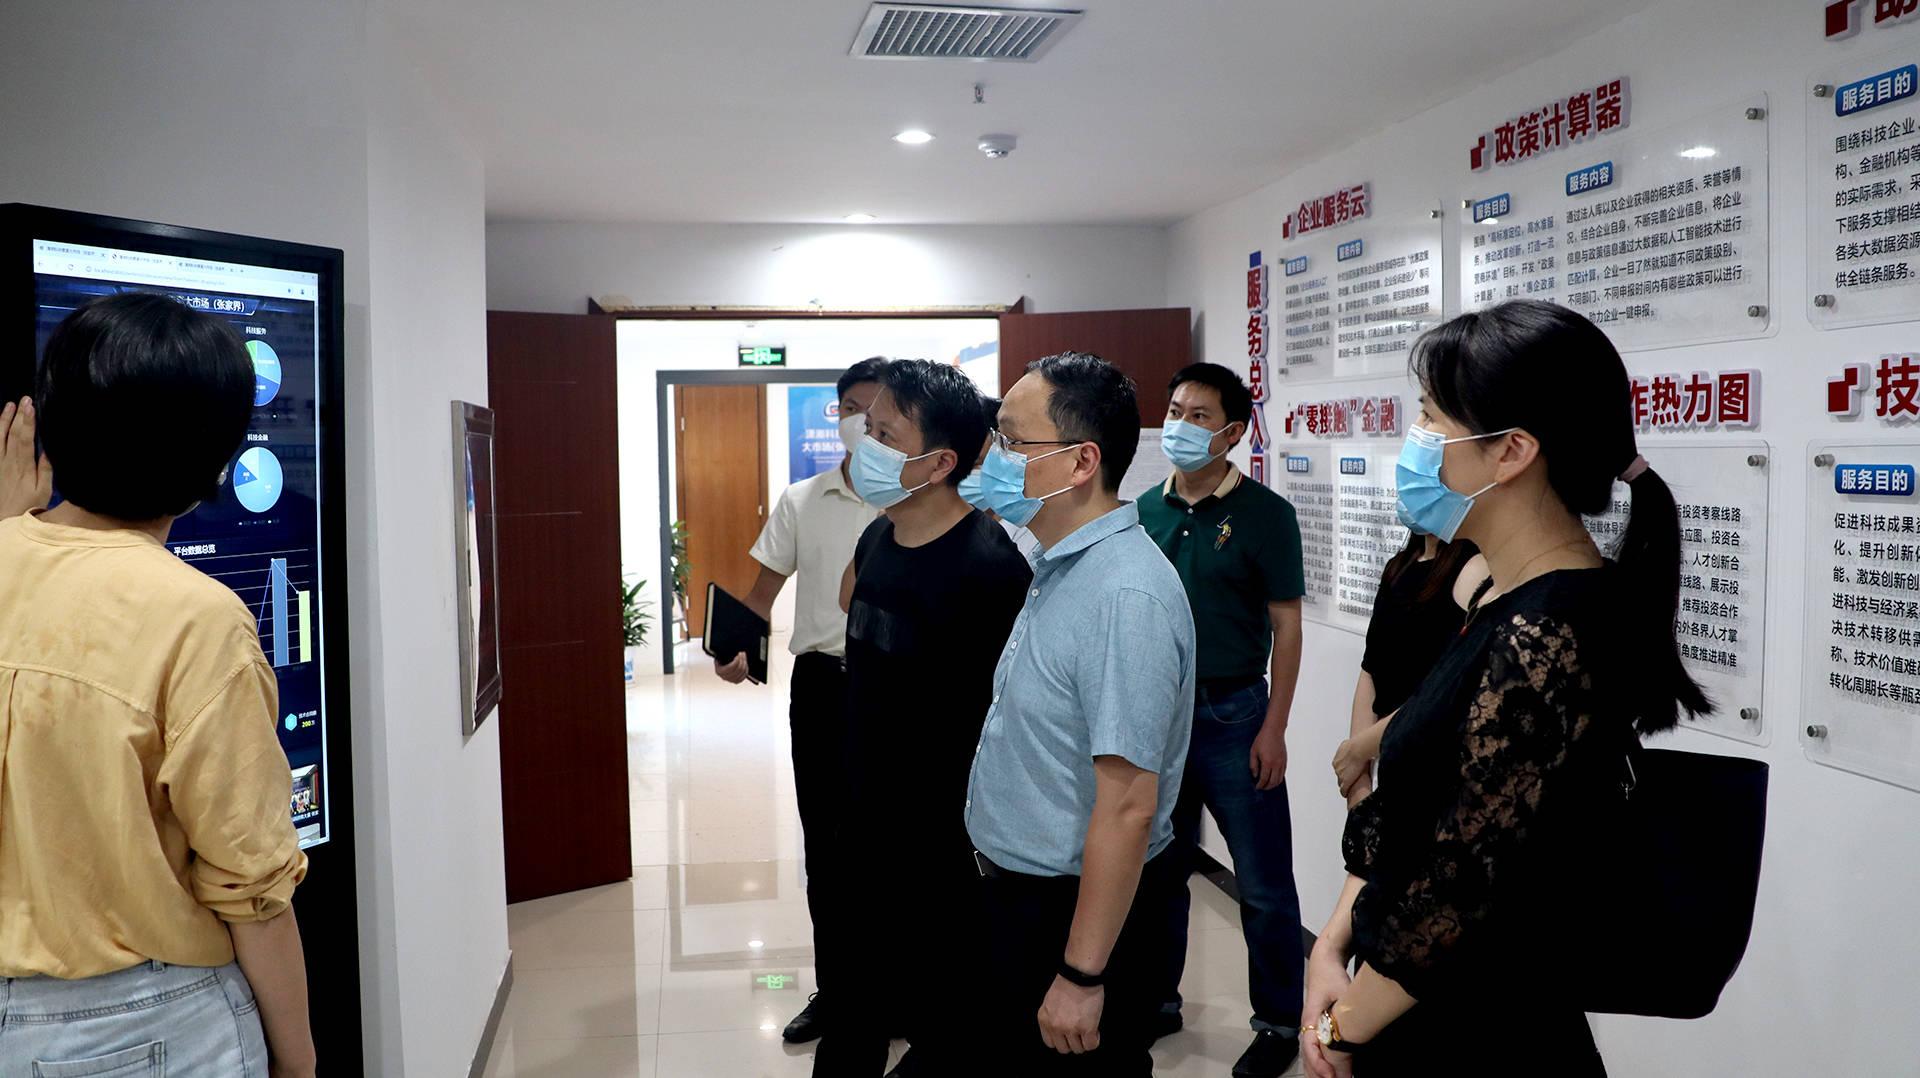 怀化市科技局一行考察潇湘科技要素大市场(张家界)